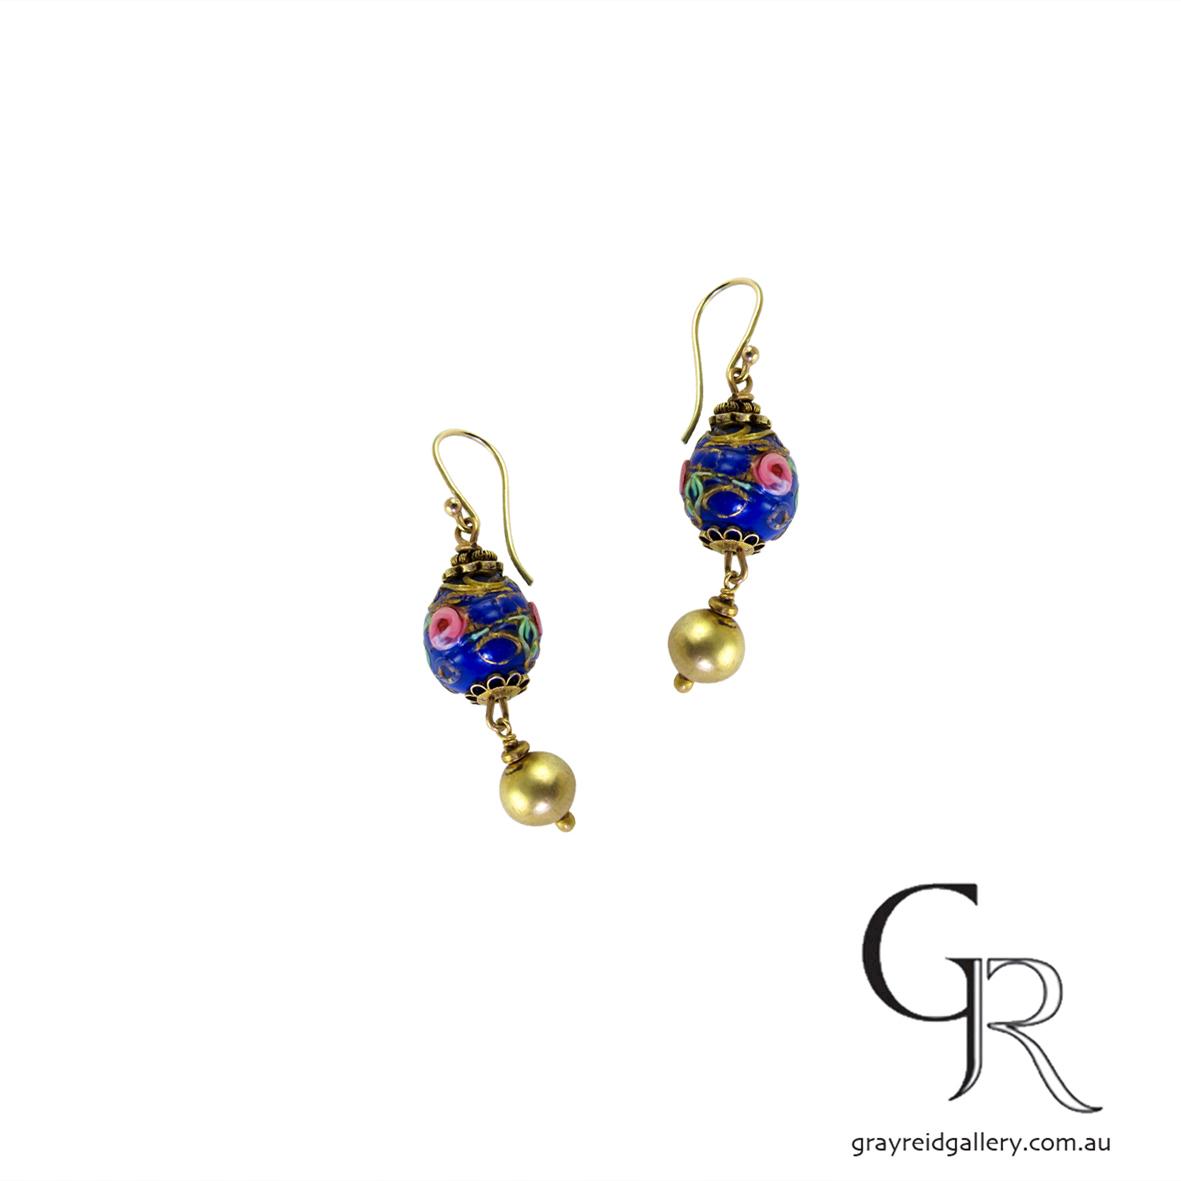 Melbourne vintage earrings Gem set diamond Gray Reid Gallery-02-08 13.49.222.jpg